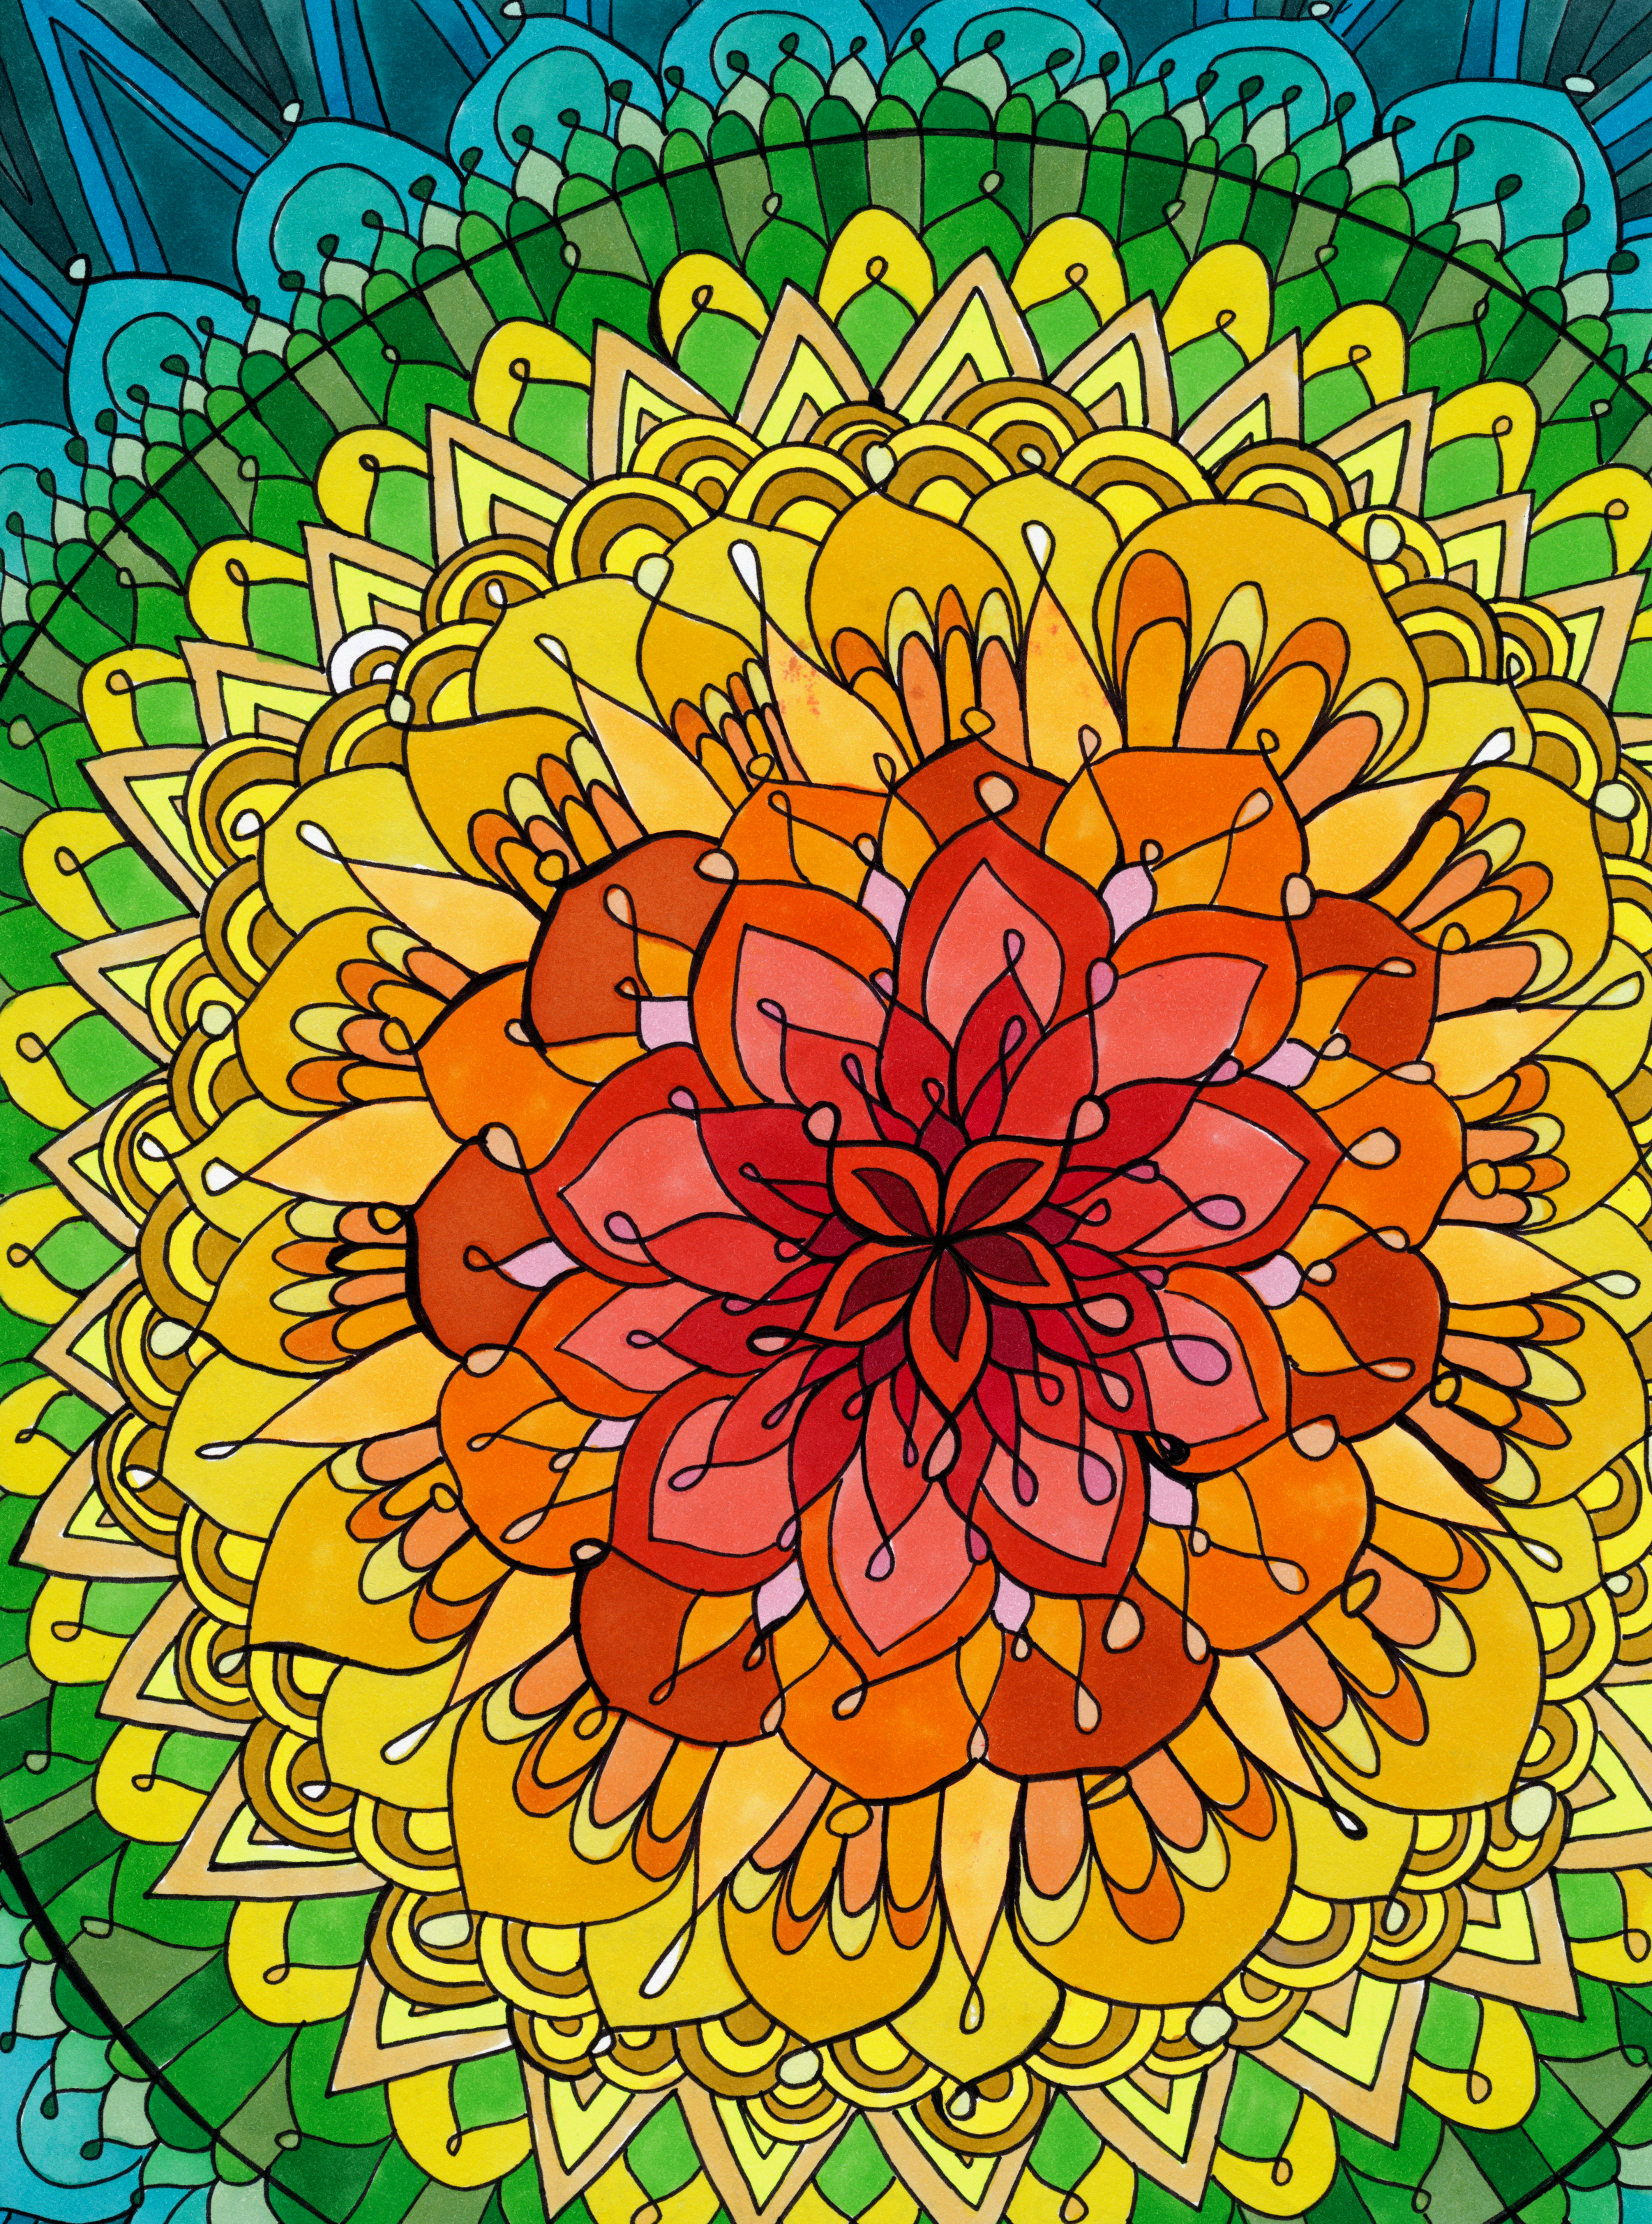 Mandala Wallpaper Tumblr Mandala Wallpaper Iphone 2368x3188